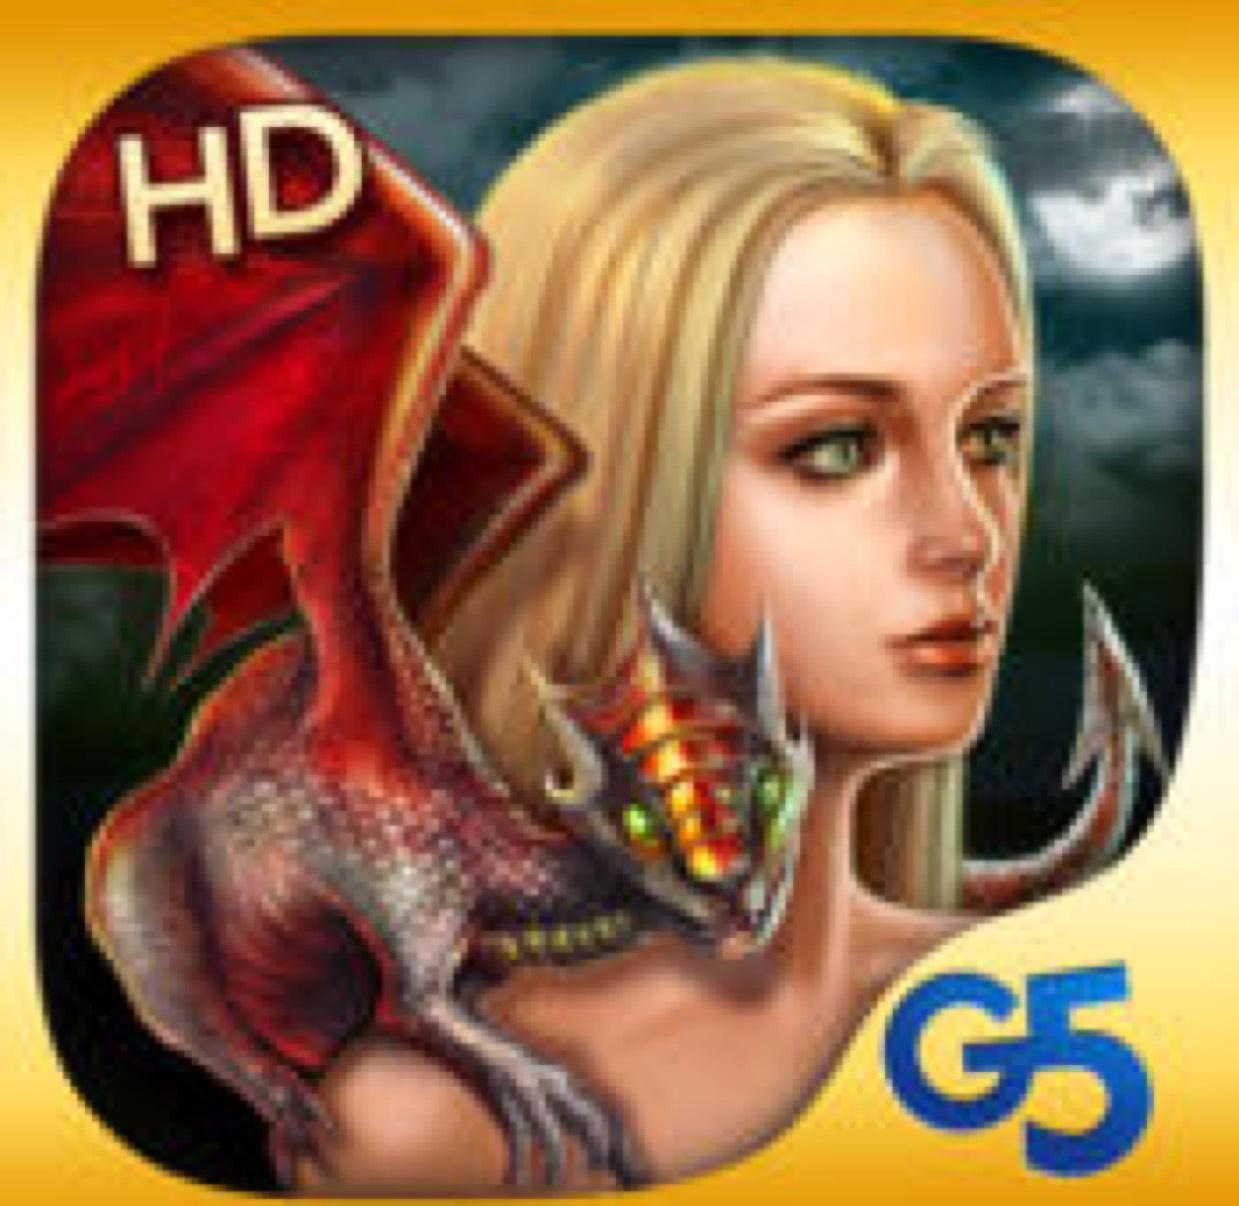 Game of Dragons von G5 gratis für iPhone und iPad (sonst 4,99€/6,99€)